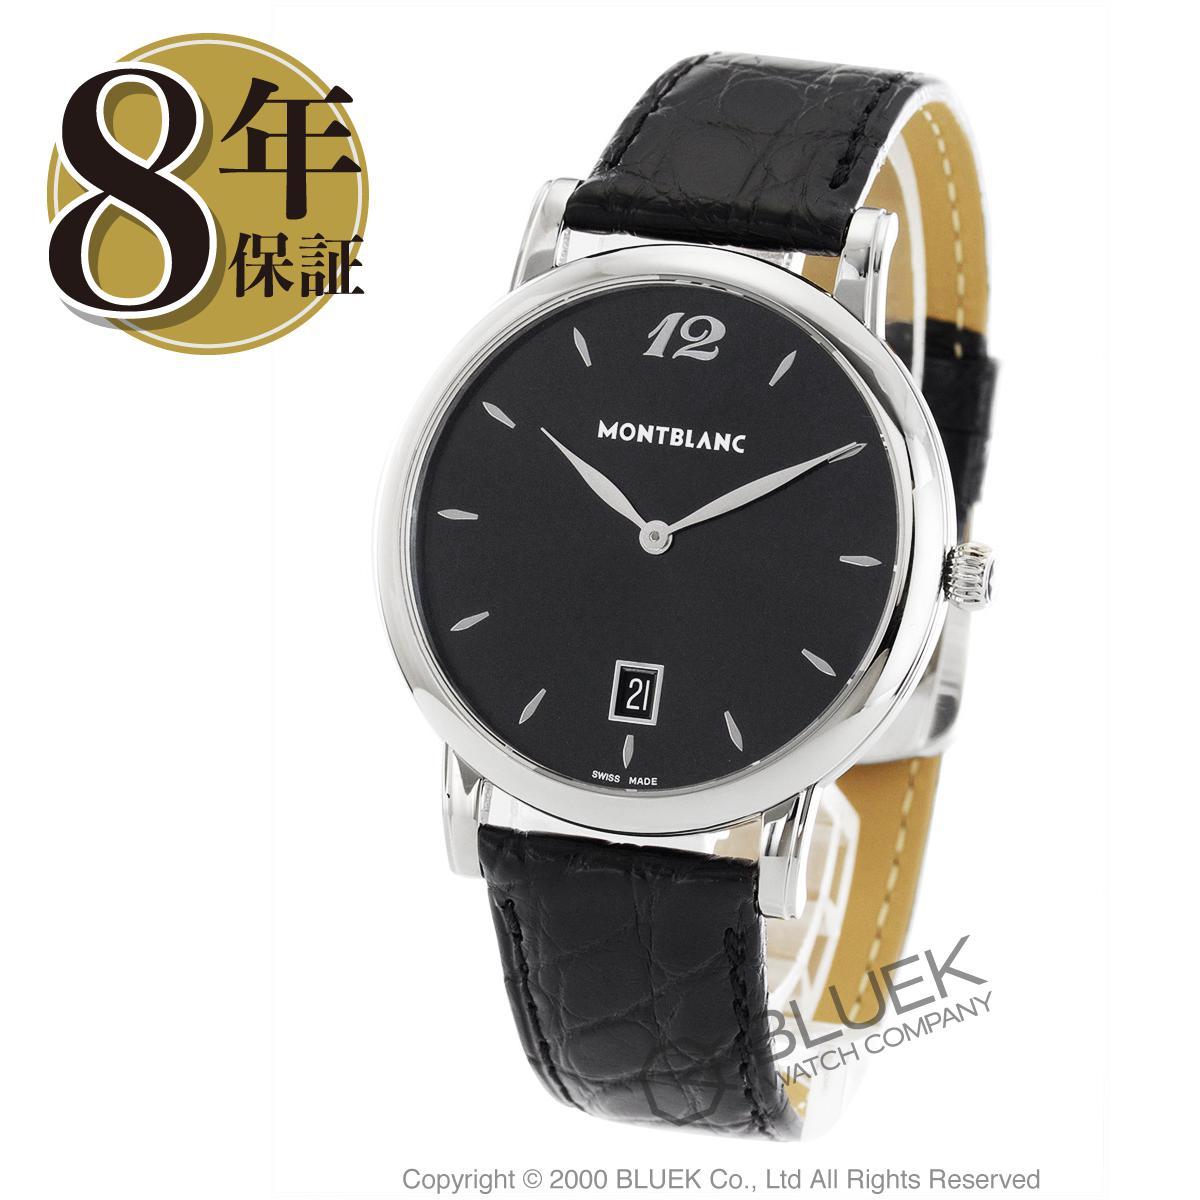 【最大3万円割引クーポン 11/01~】モンブラン スター クラシック アリゲーターレザー 腕時計 メンズ MONTBLANC 108769_8